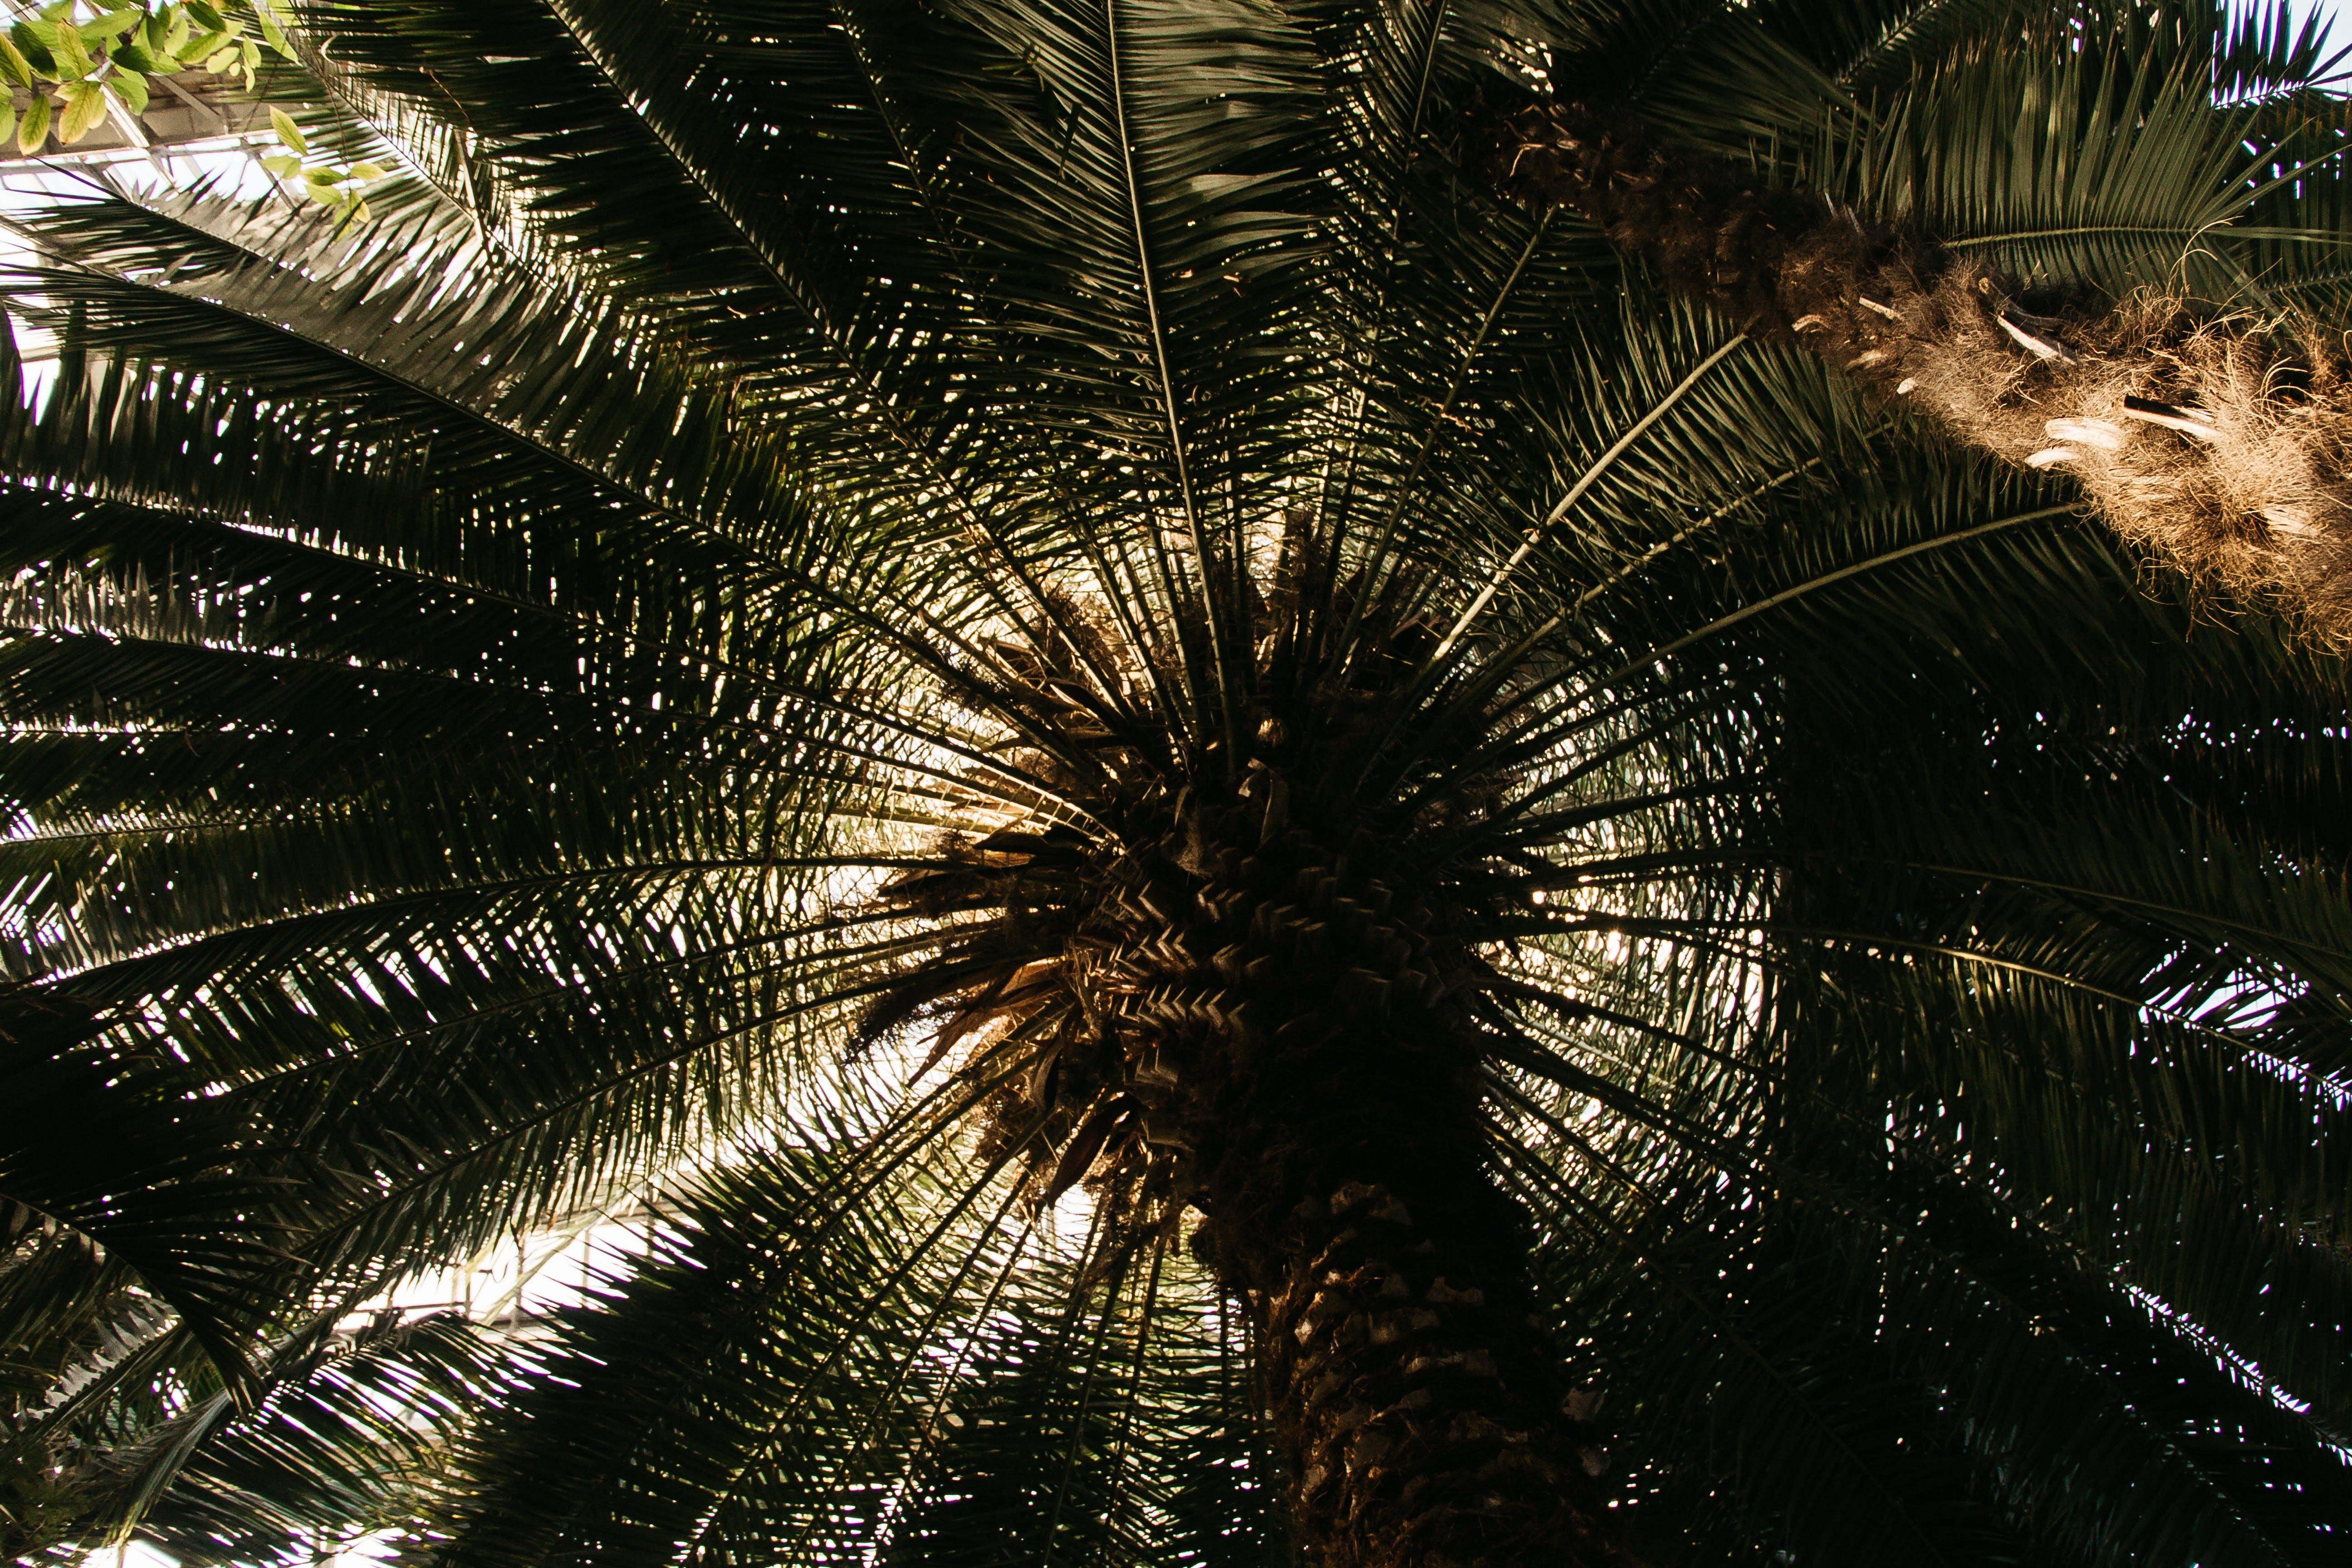 Gratis arkivbilde med anlegg, kokosnøttre, tre